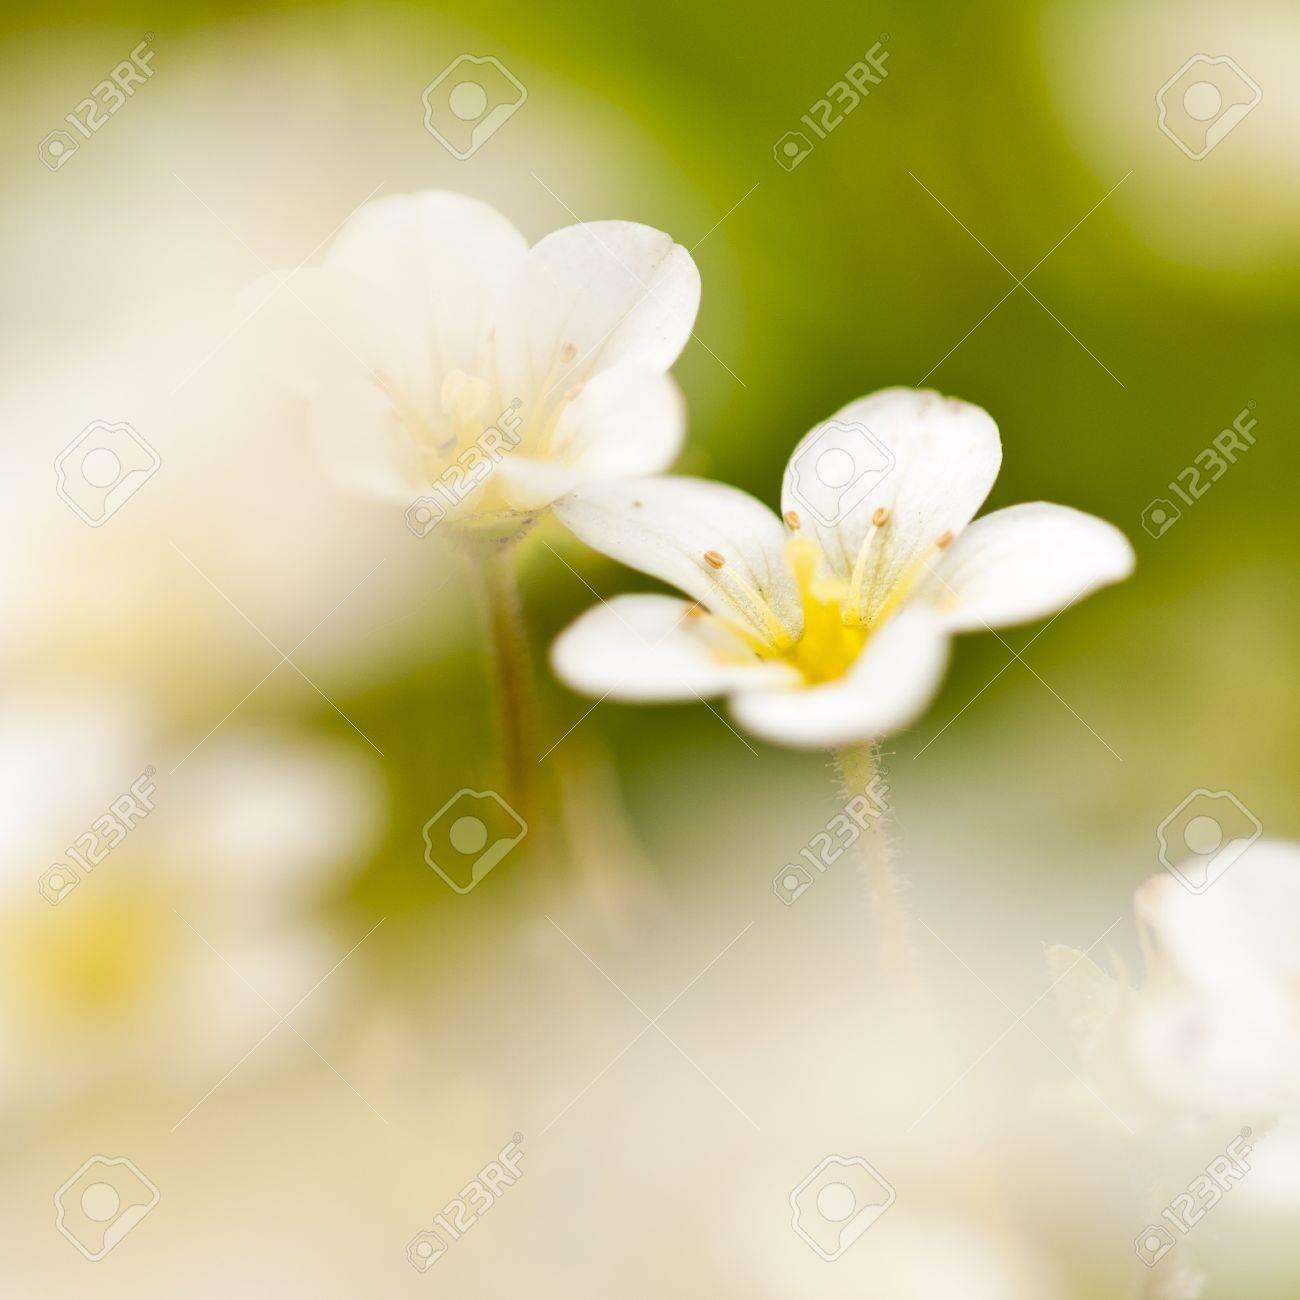 Beautiful little white meadow flowers on a green background stock beautiful little white meadow flowers on a green background stock photo 13647068 mightylinksfo